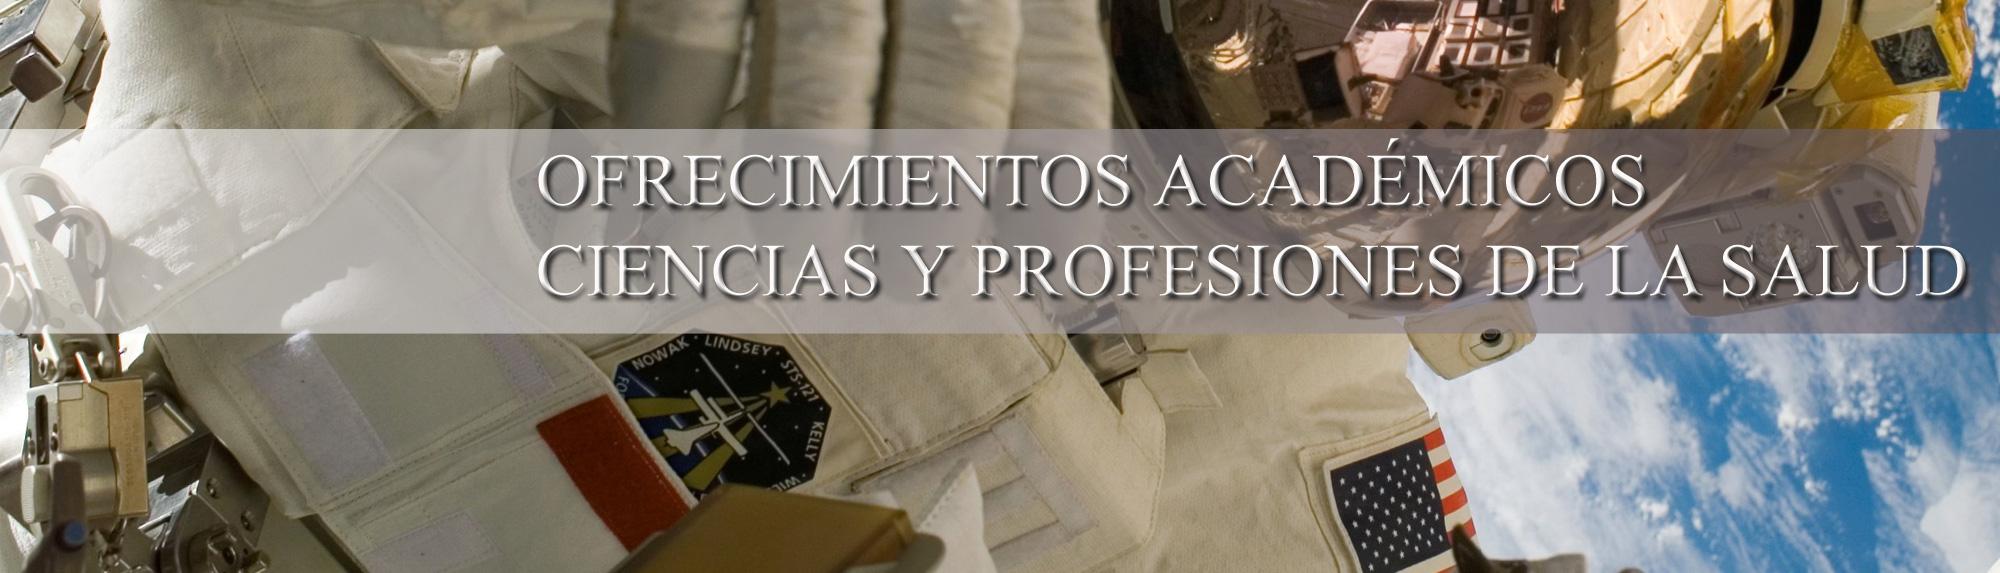 Colegios_Ciencias_grados